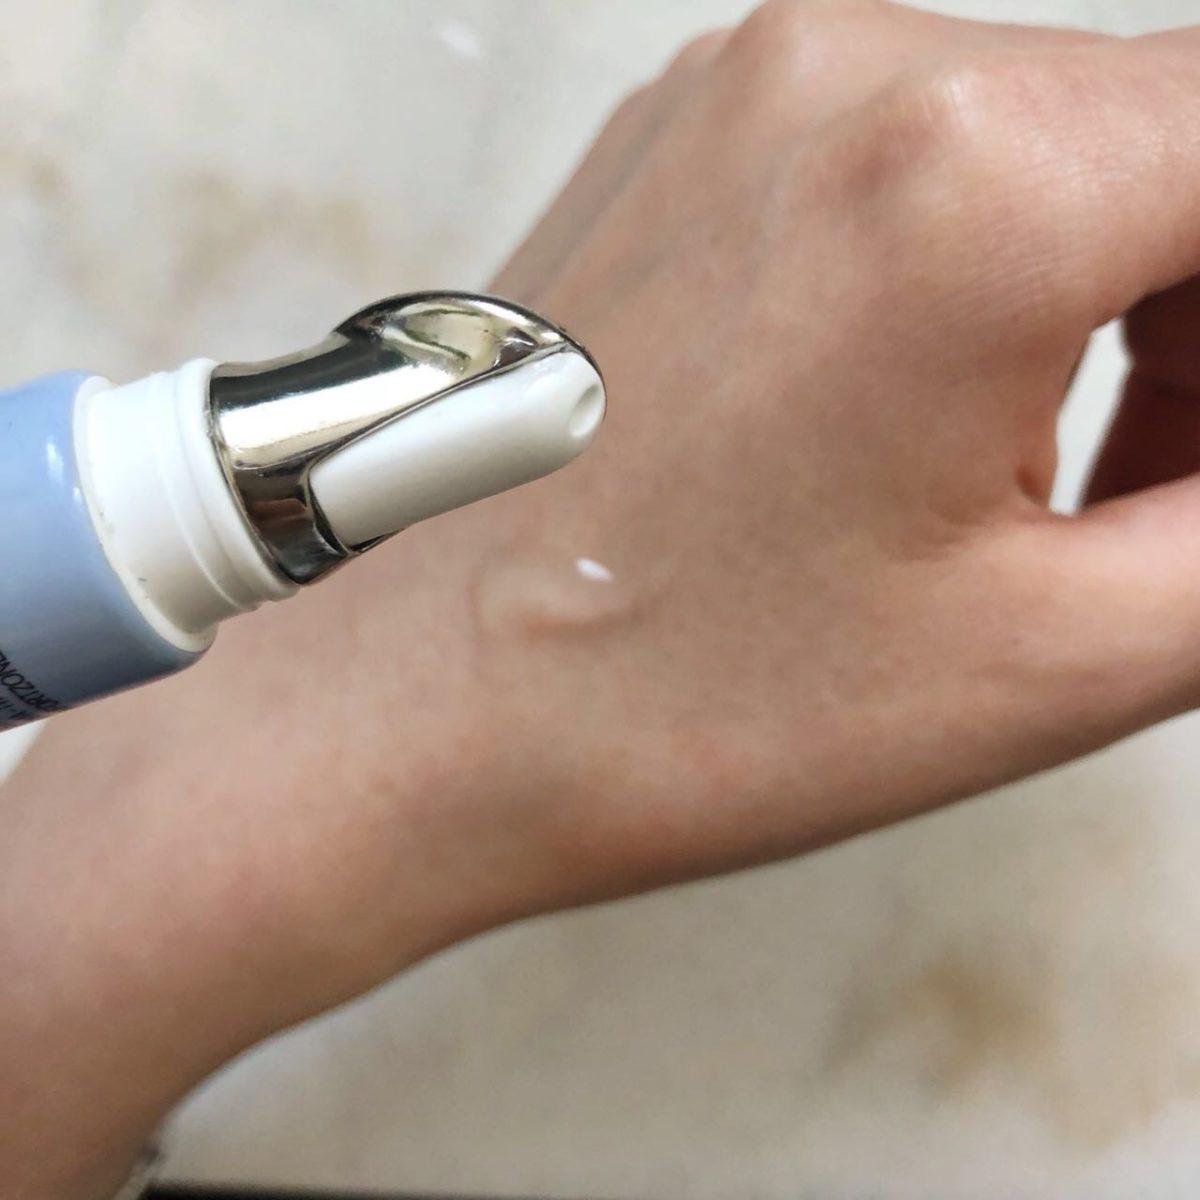 «Олимп Здоровья» приглашает на безинъекционную биоревитализацию